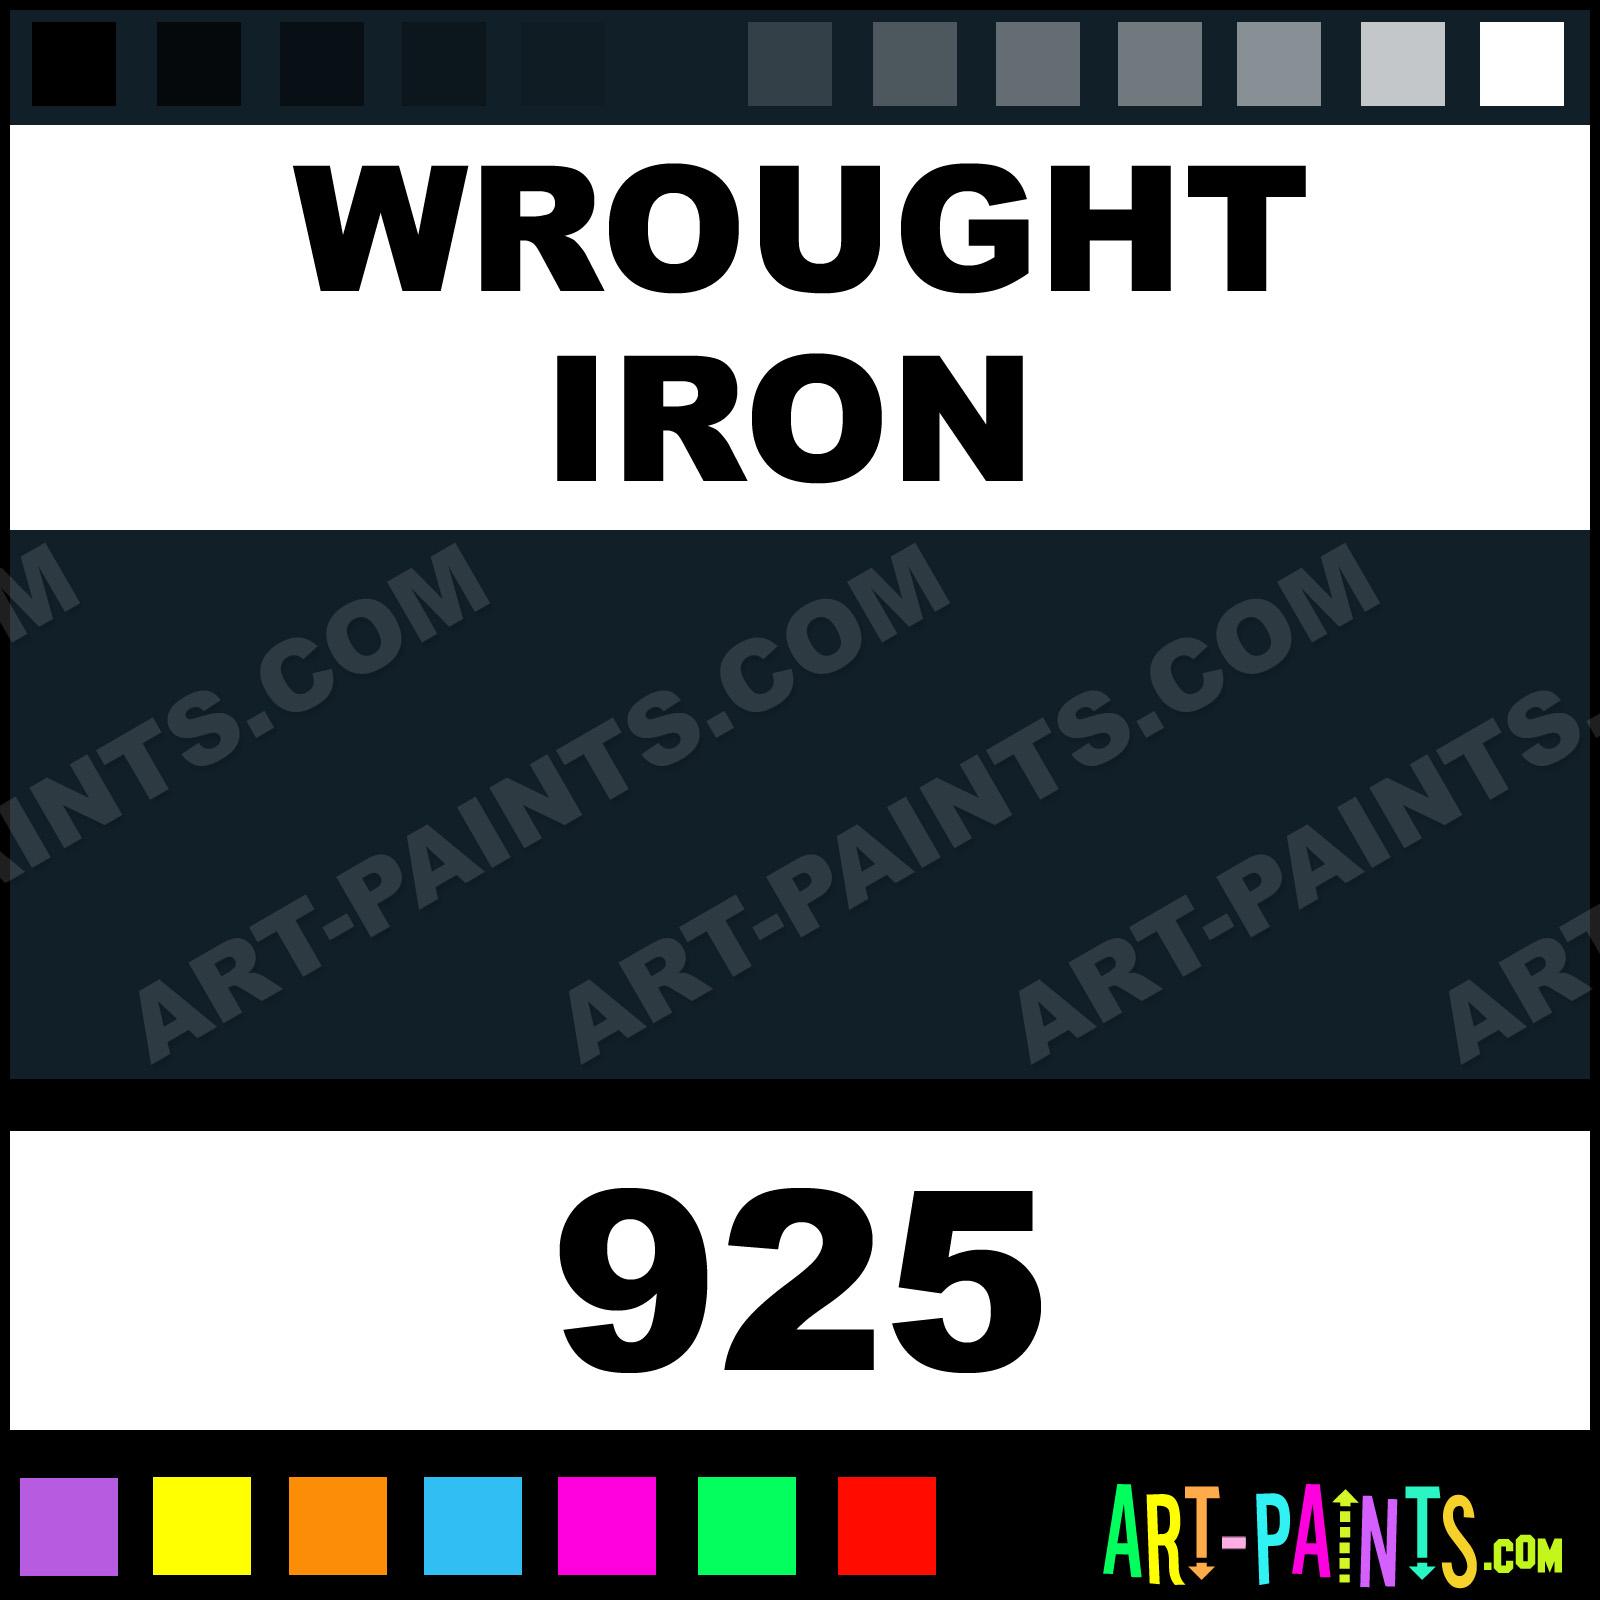 Wrought iron plaid acrylic paints